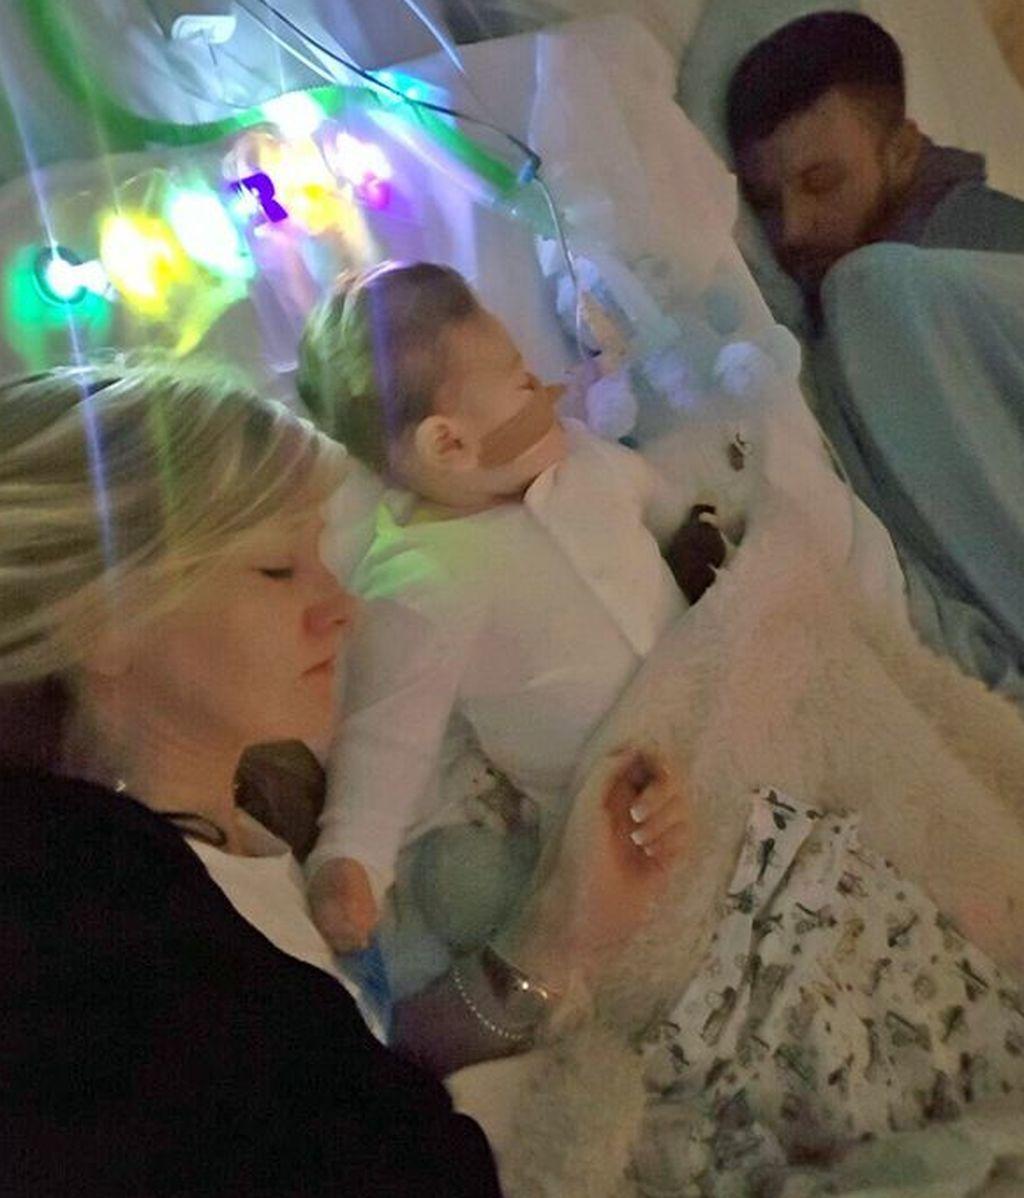 Adiós Charlie: los padres del bebé de 10 meses se despiden de él antes de ser desconectado